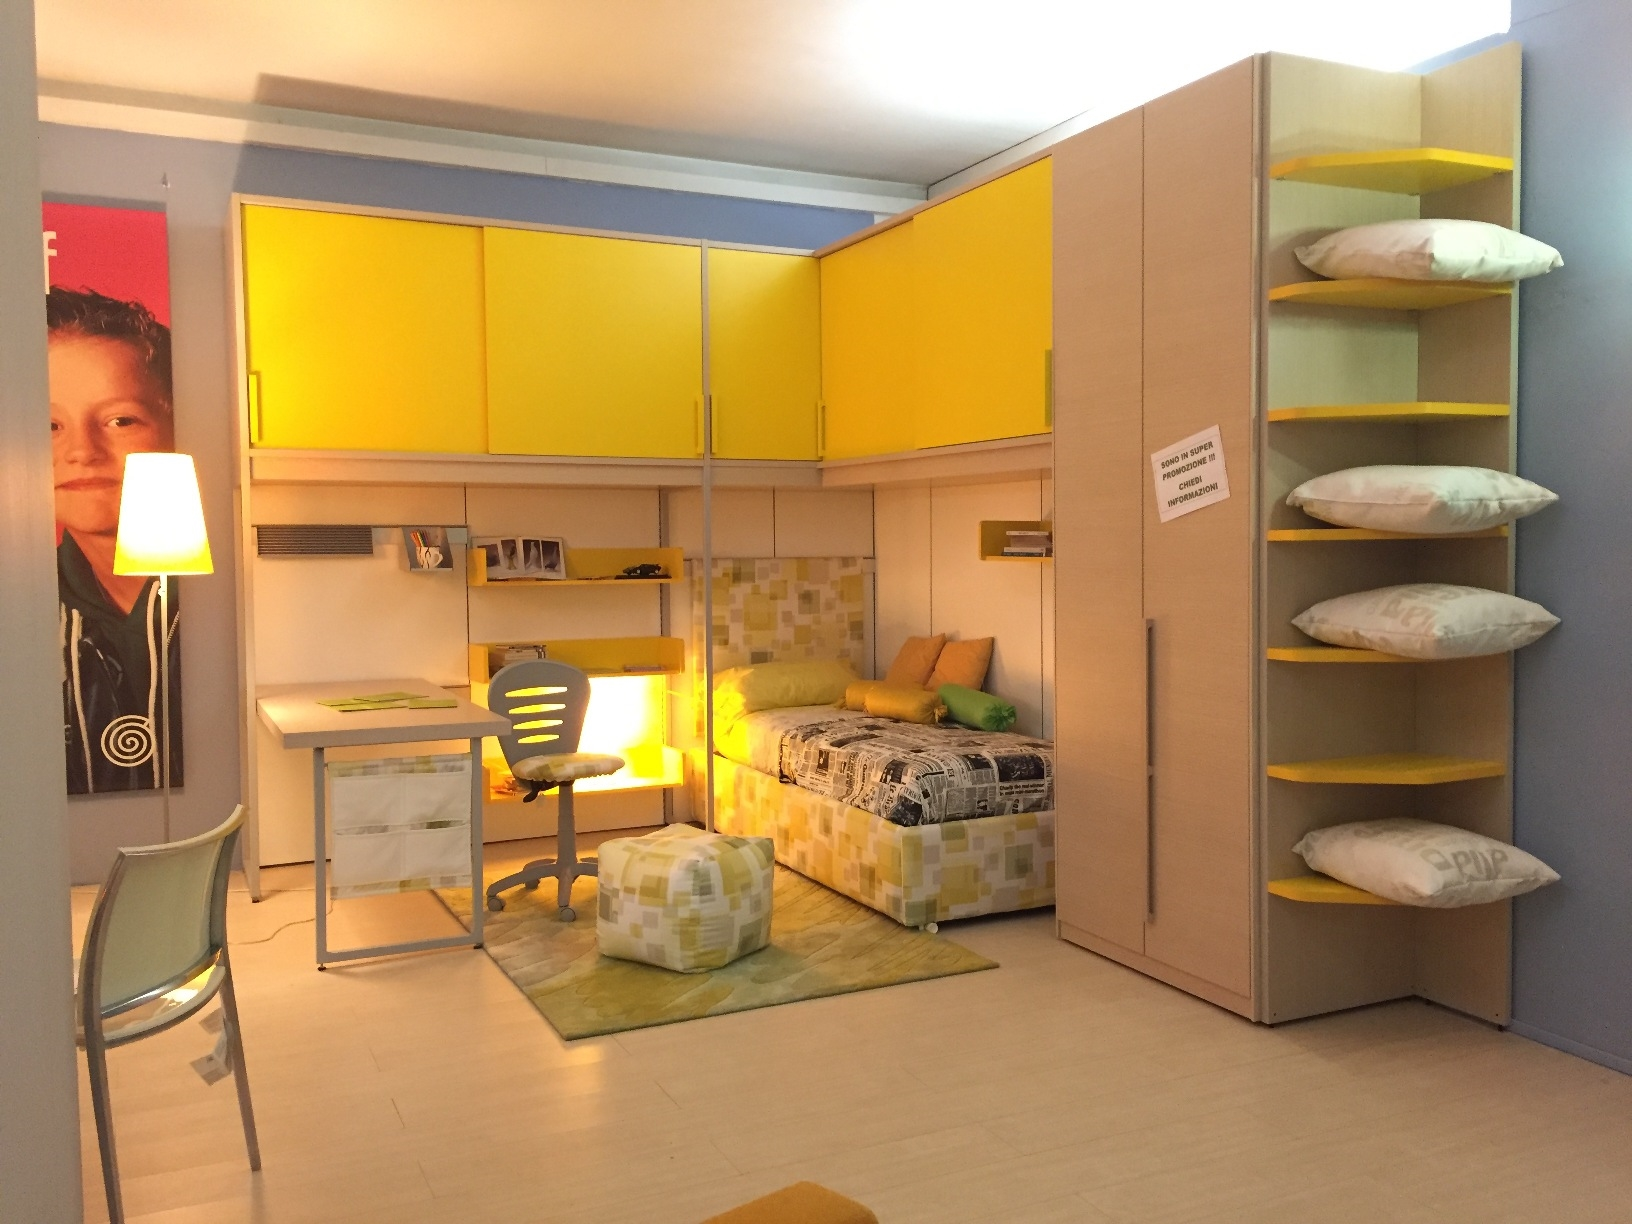 Arredamento Camerette Zalf : Zalf cameretta mod monopoli prezzo sottocosto camerette